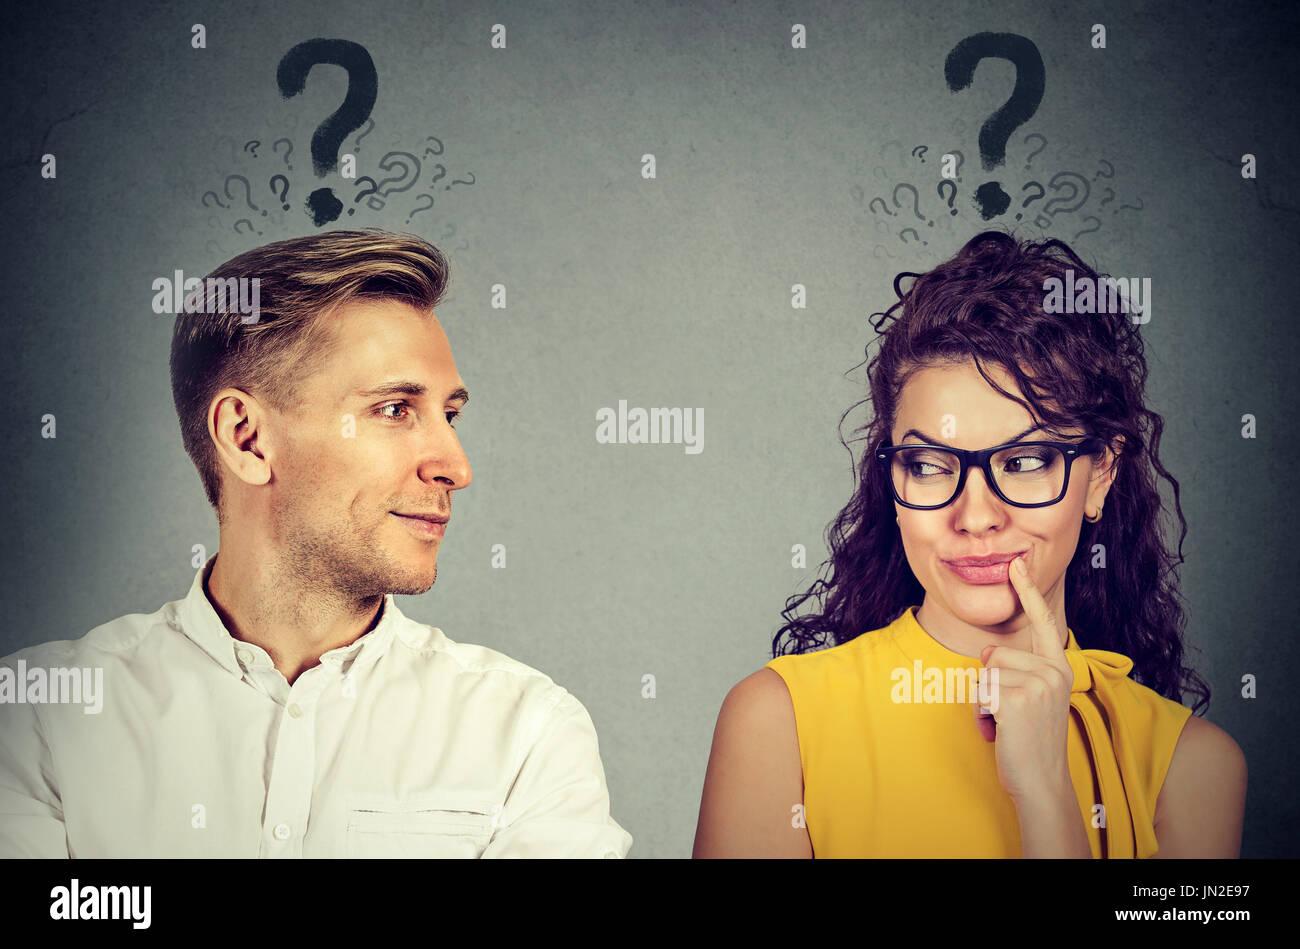 Mann und Frau mit Fragezeichen sahen einander mit Interesse Stockbild